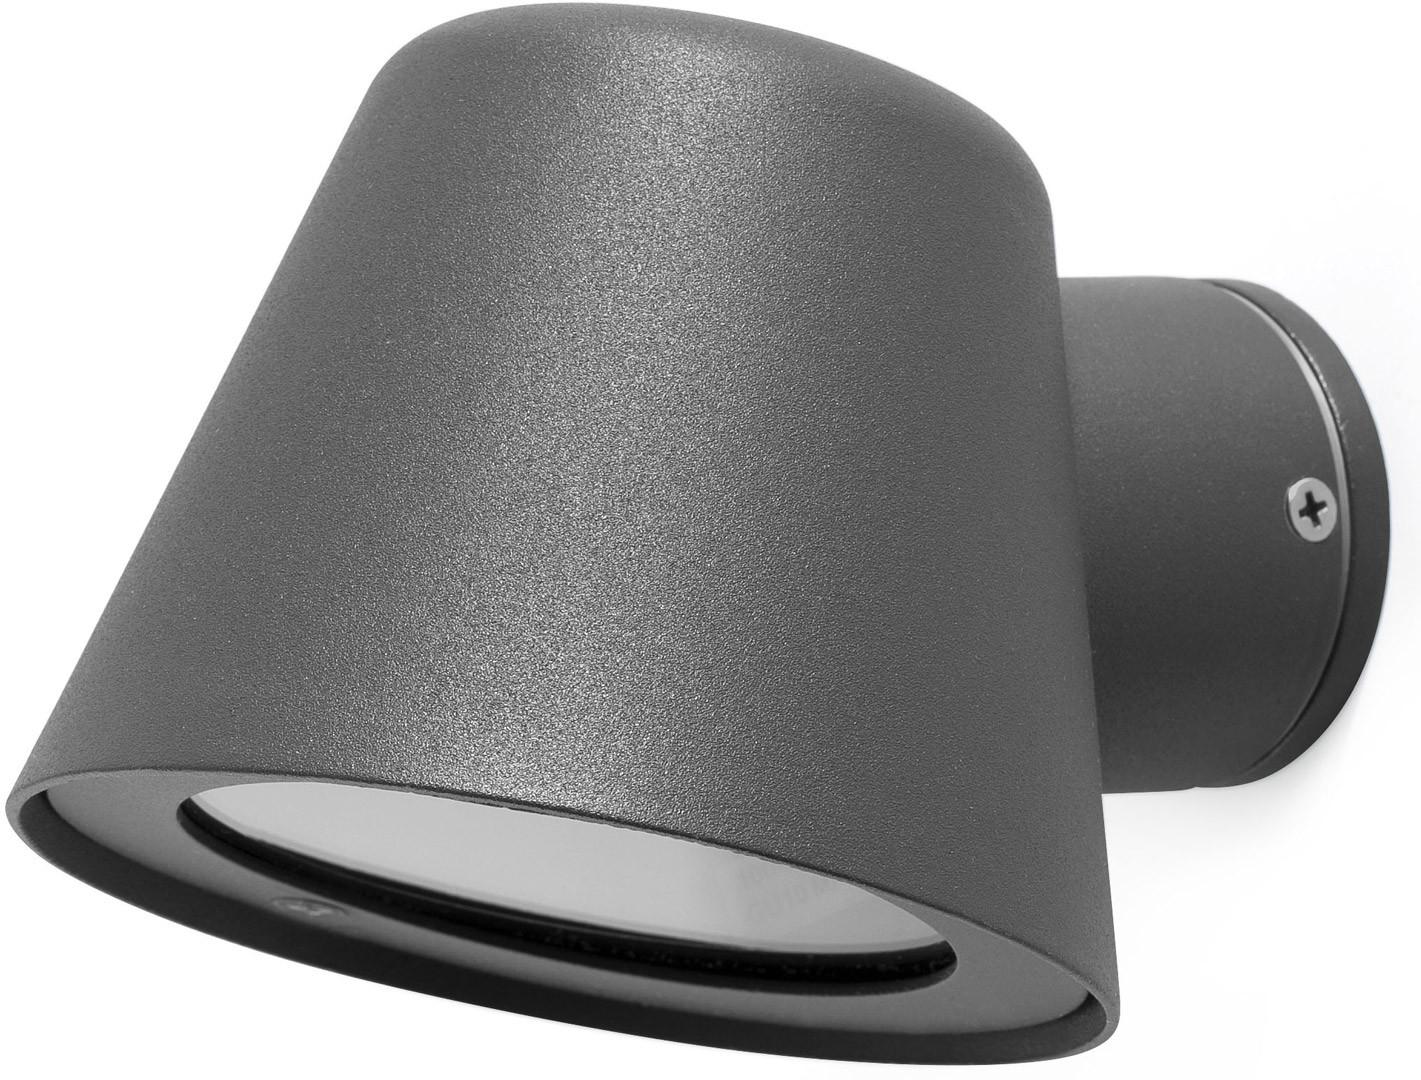 Applique moderne pouréclairage extérieuren aluminium gris foncé Valeria